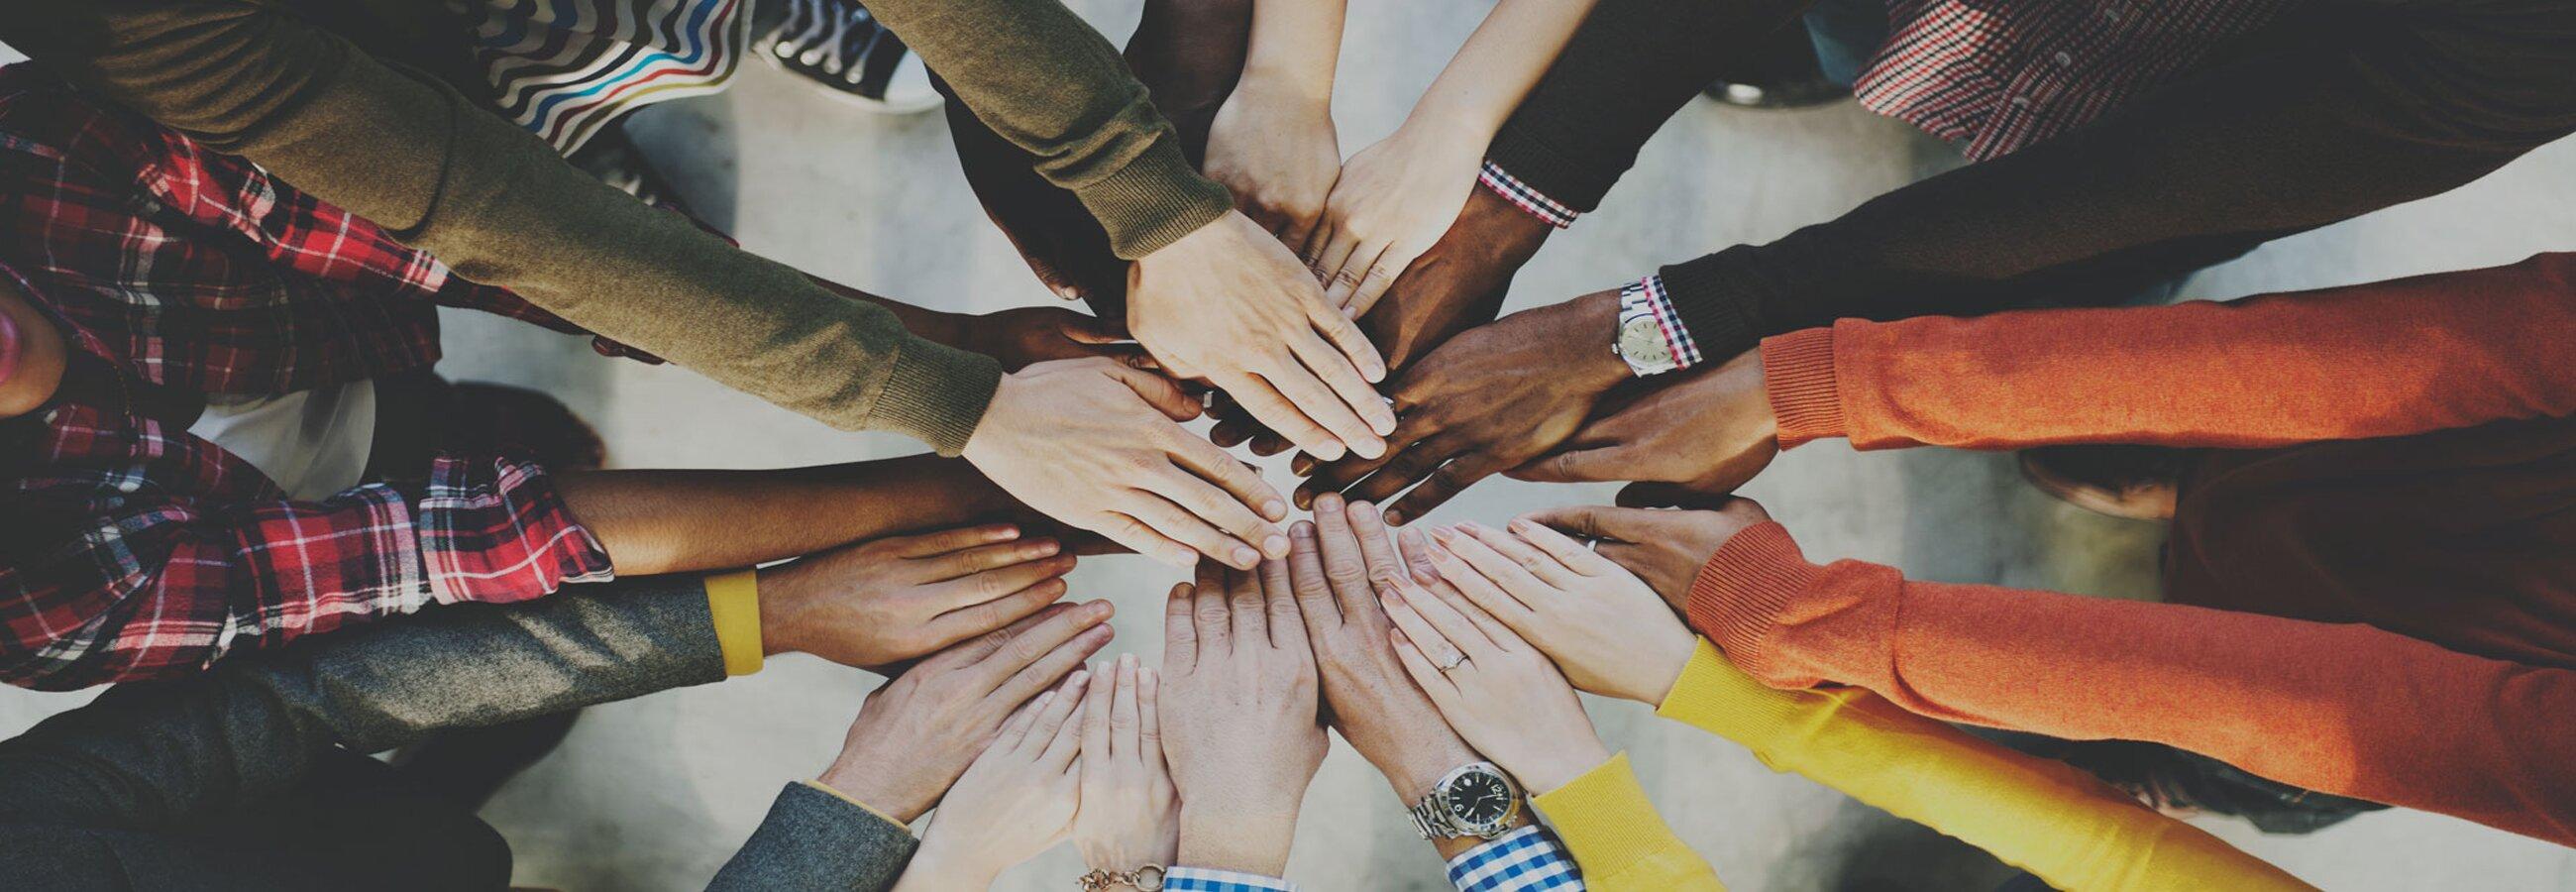 Si queremos la paz, cuidemos nuestra casa común